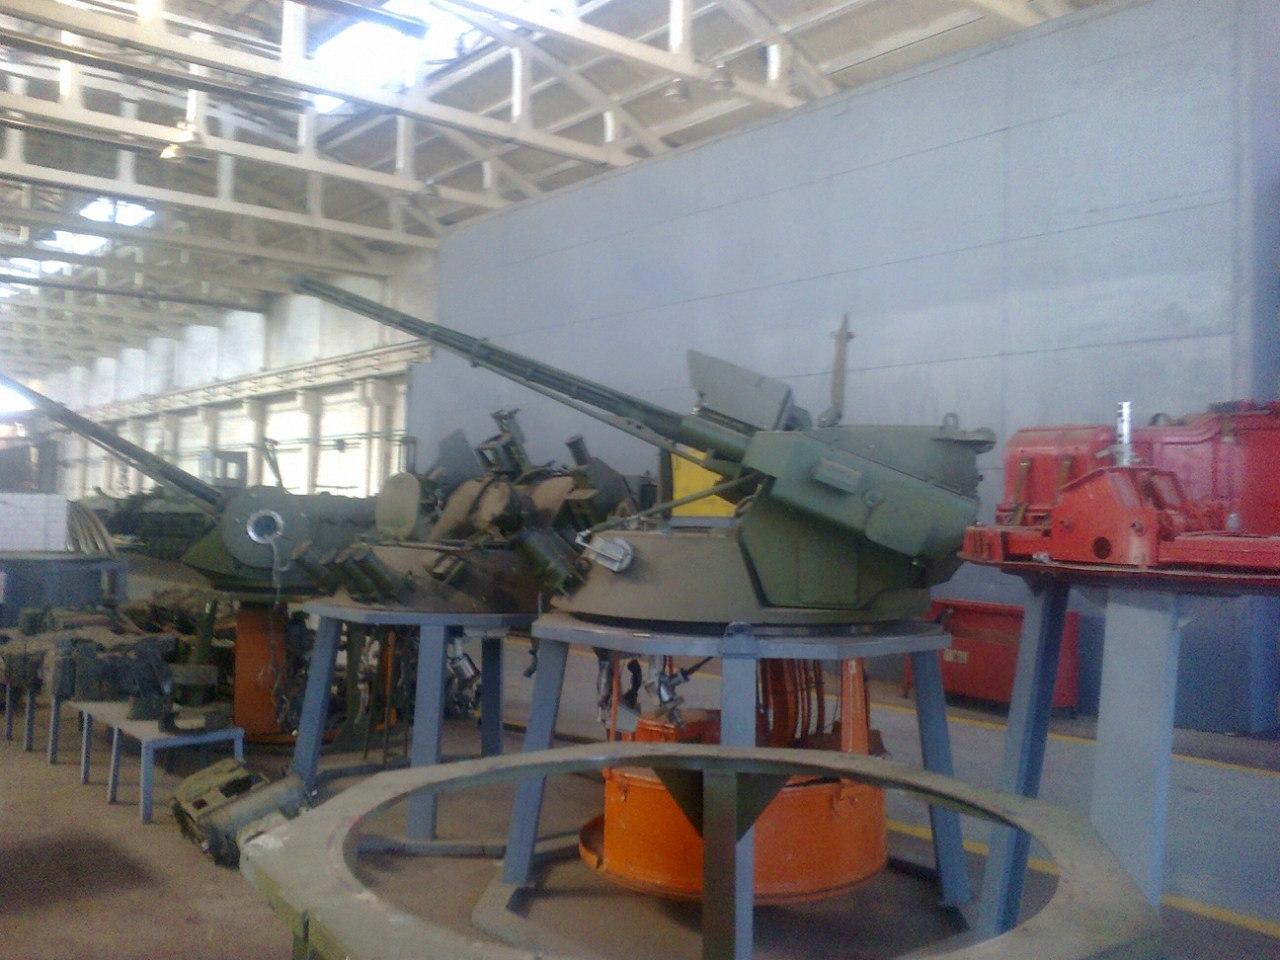 Восстановление бронетехники для ВСУ на Житомирском бронетанковом заводе